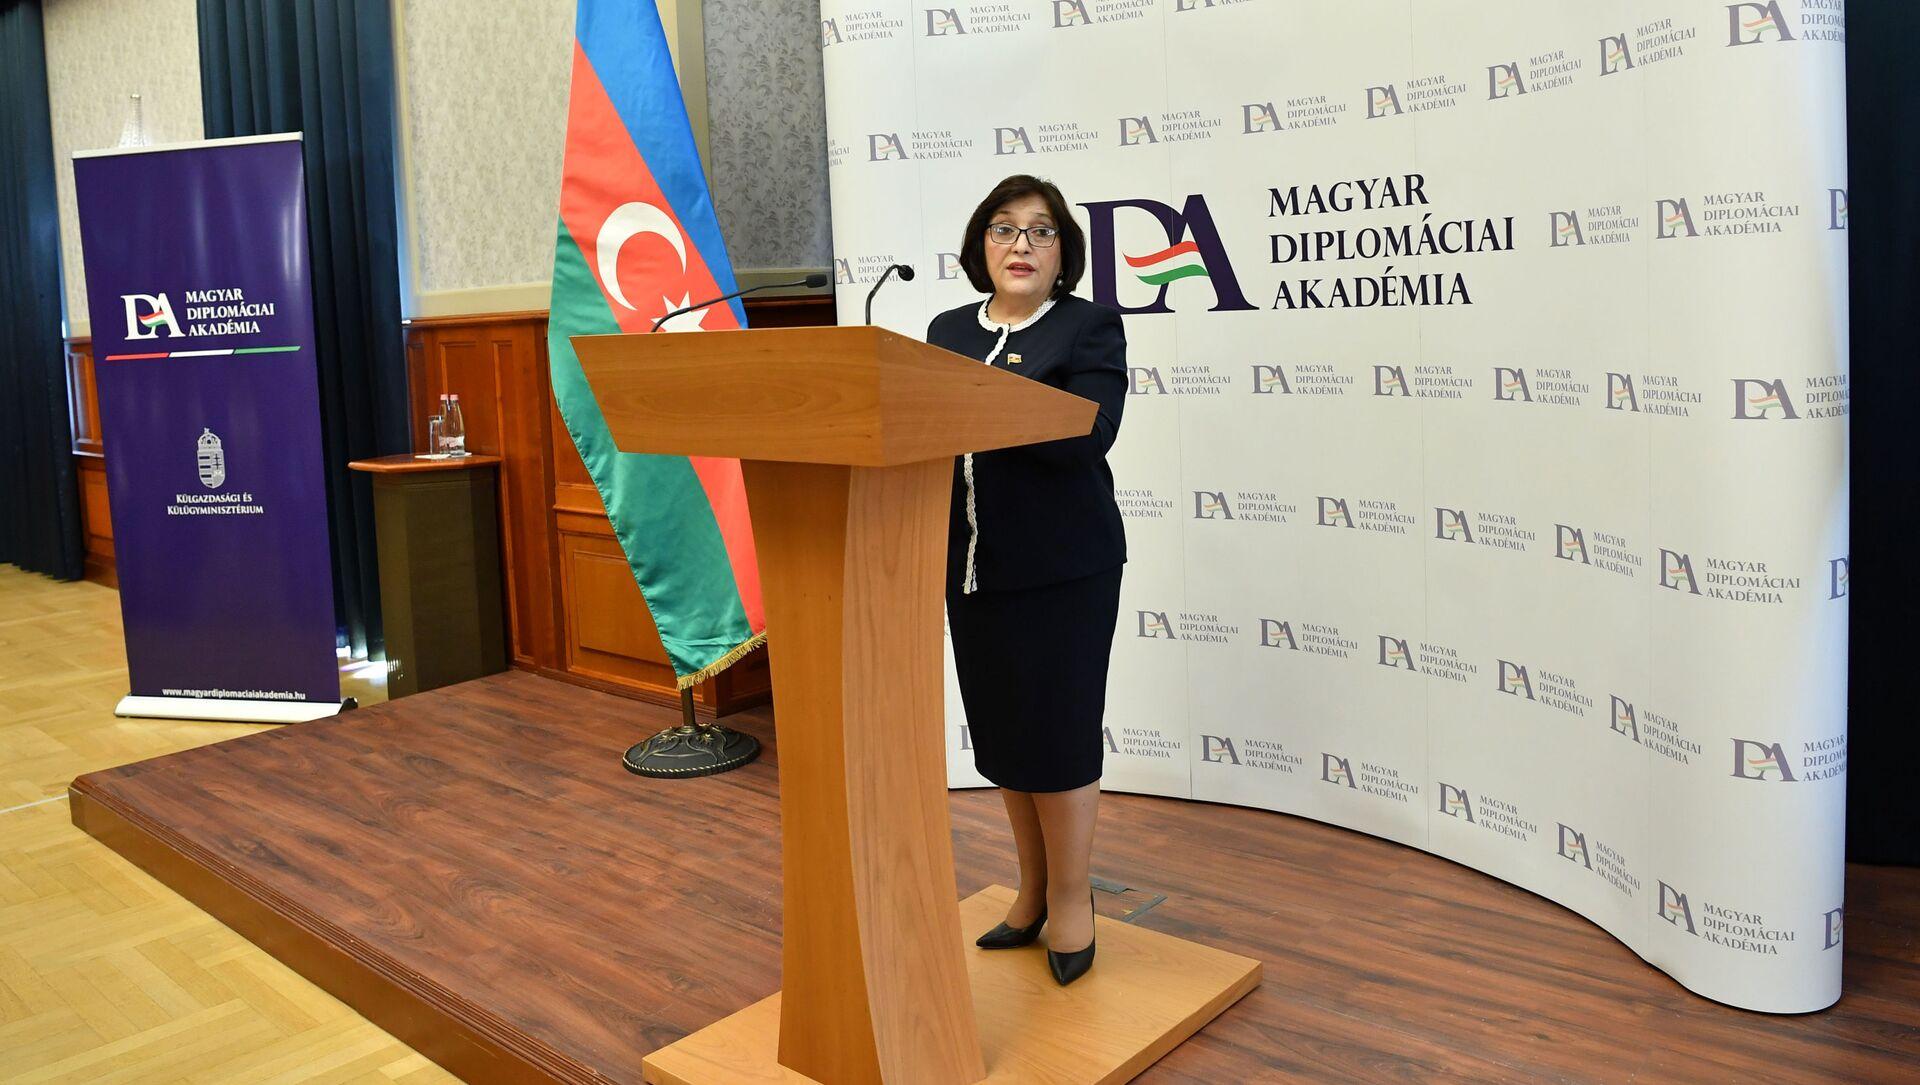 Sədri Sahibə Qafarovanın başçılığı ilə Azərbaycan parlamentinin nümayəndə heyəti Macarıstan Diplomatik Akademiyasında  - Sputnik Азербайджан, 1920, 01.07.2021